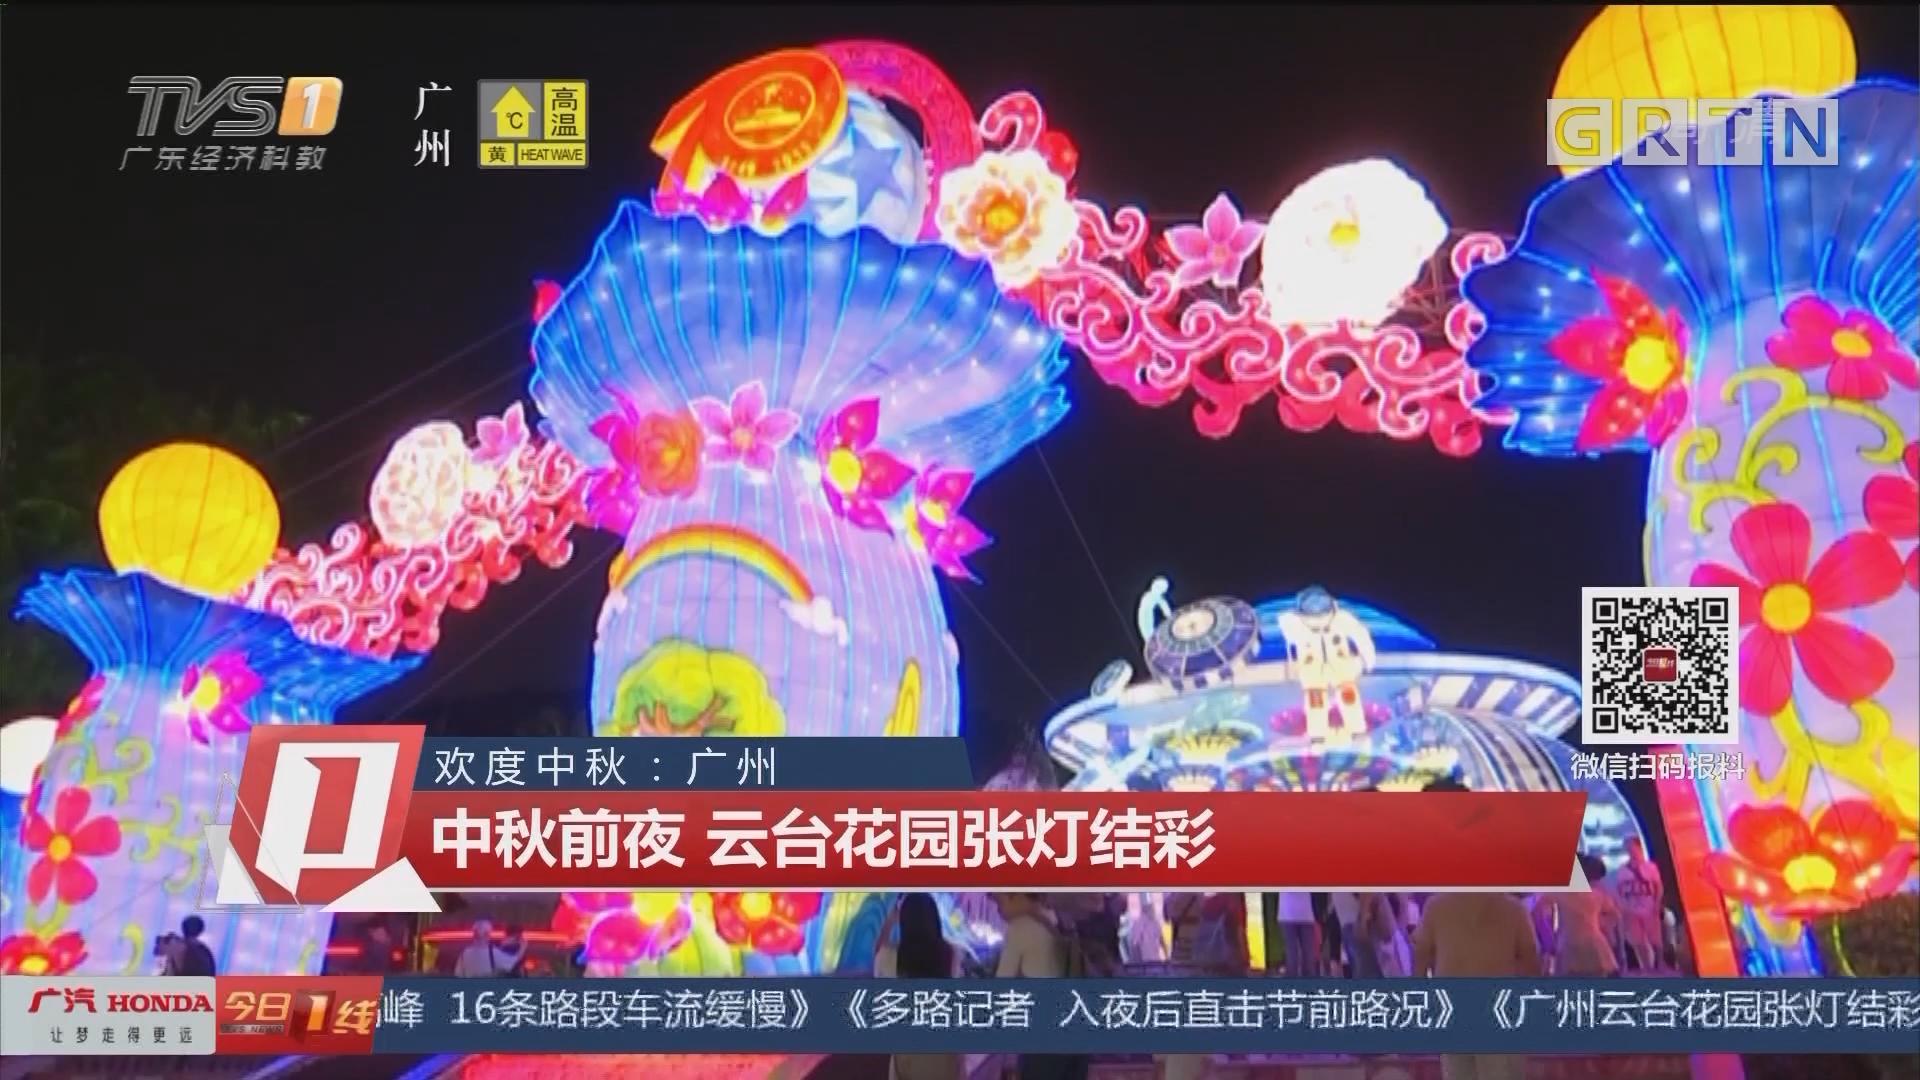 欢度中秋:广州 中秋前夜 云台花园张灯结彩